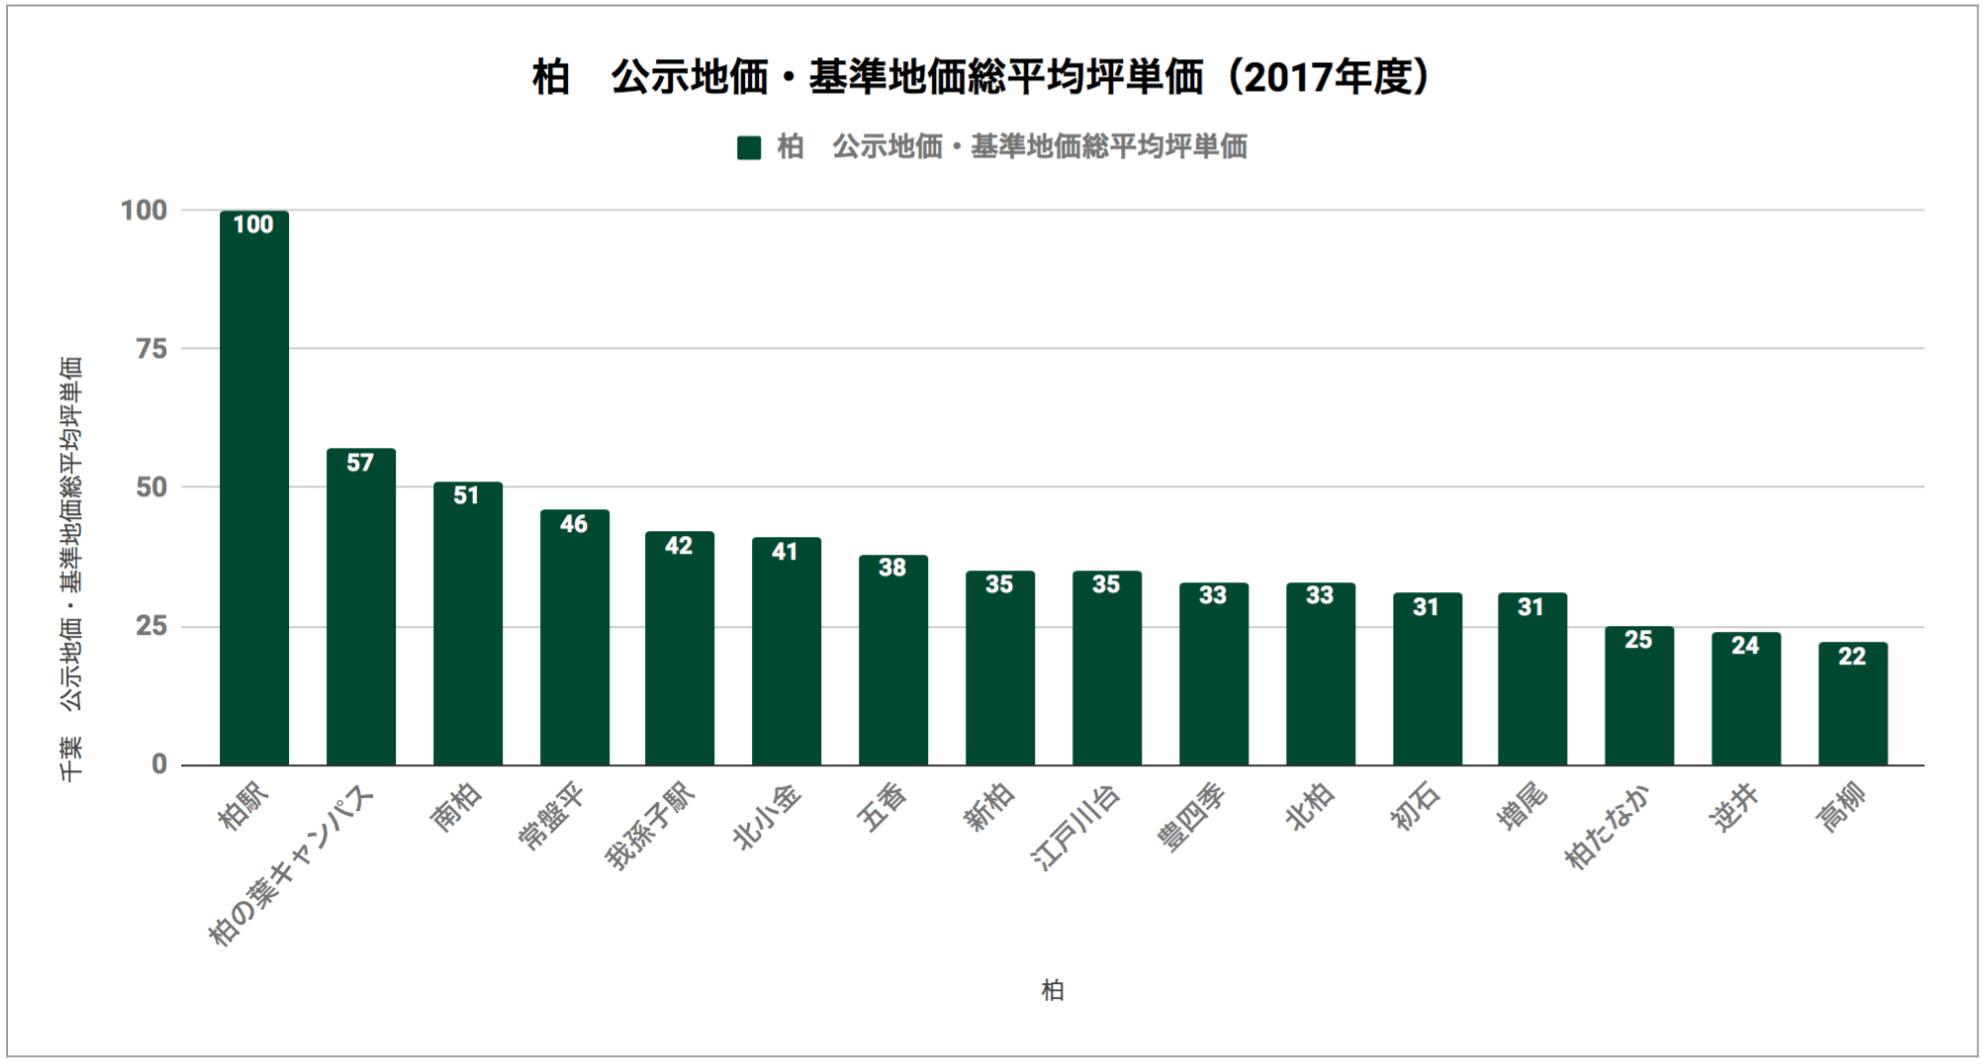 柏「公示地価・基準地価総平均坪単価(2017年度)」